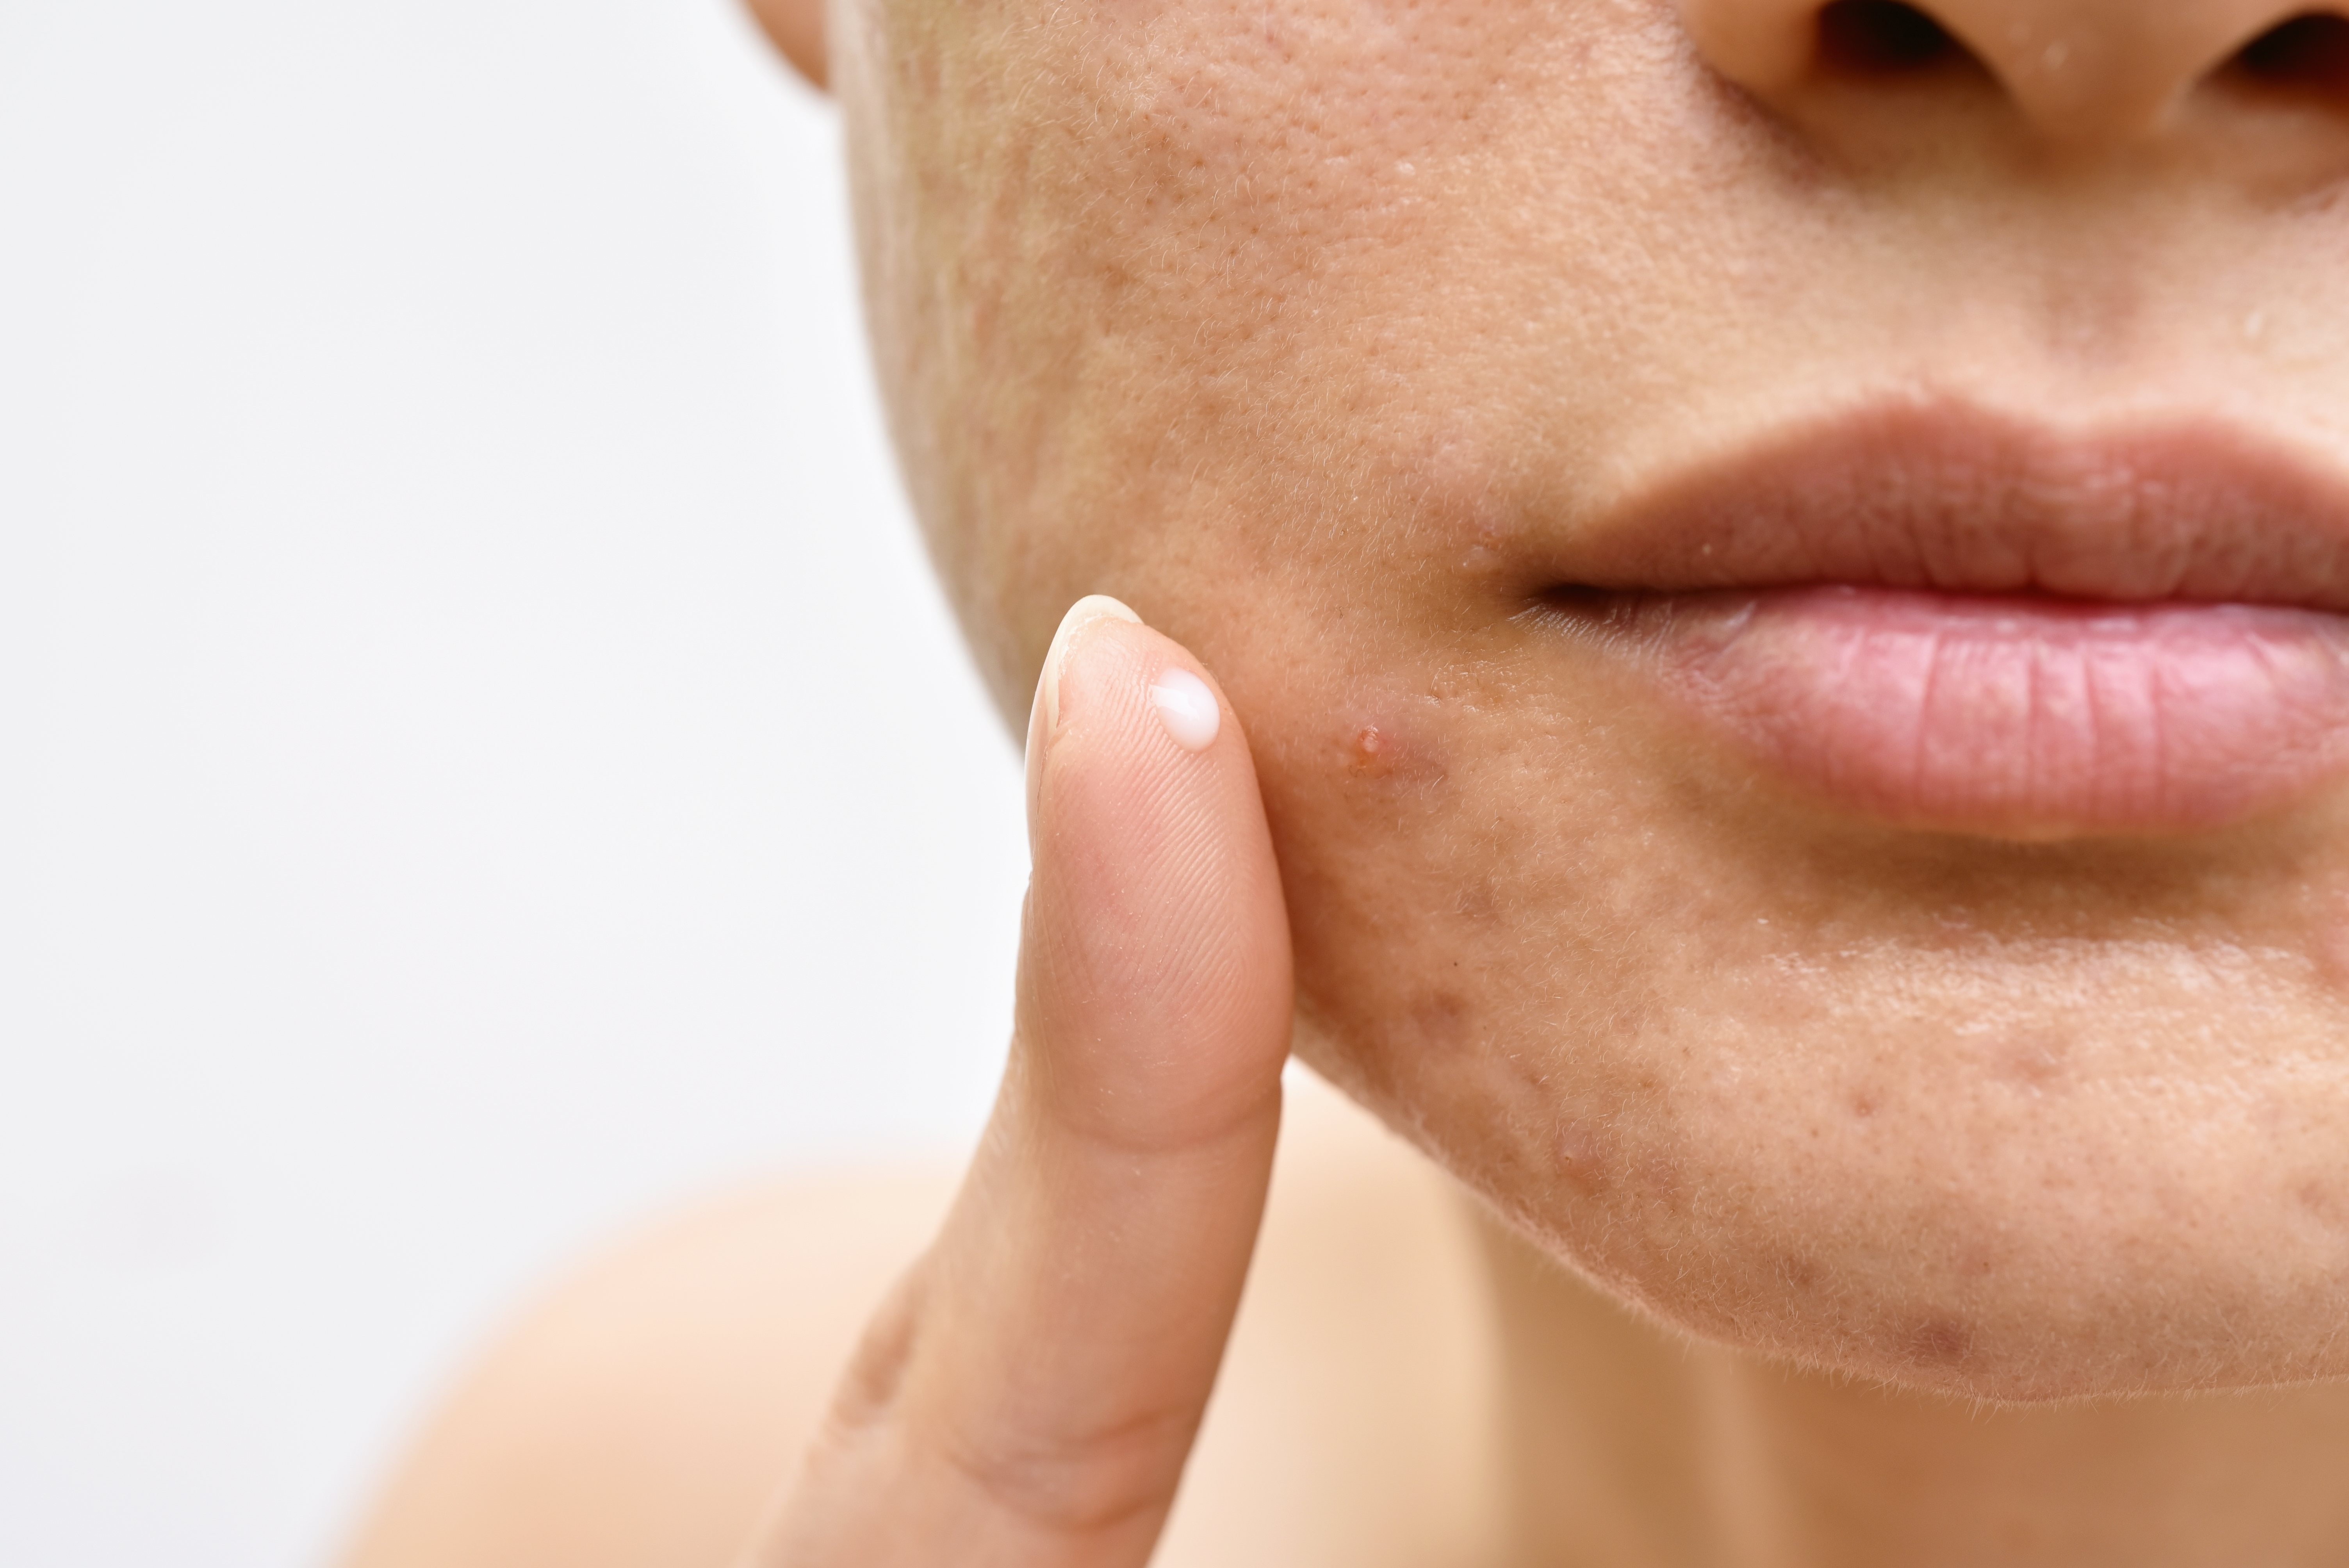 El acné es una de las enfermedades más comunes